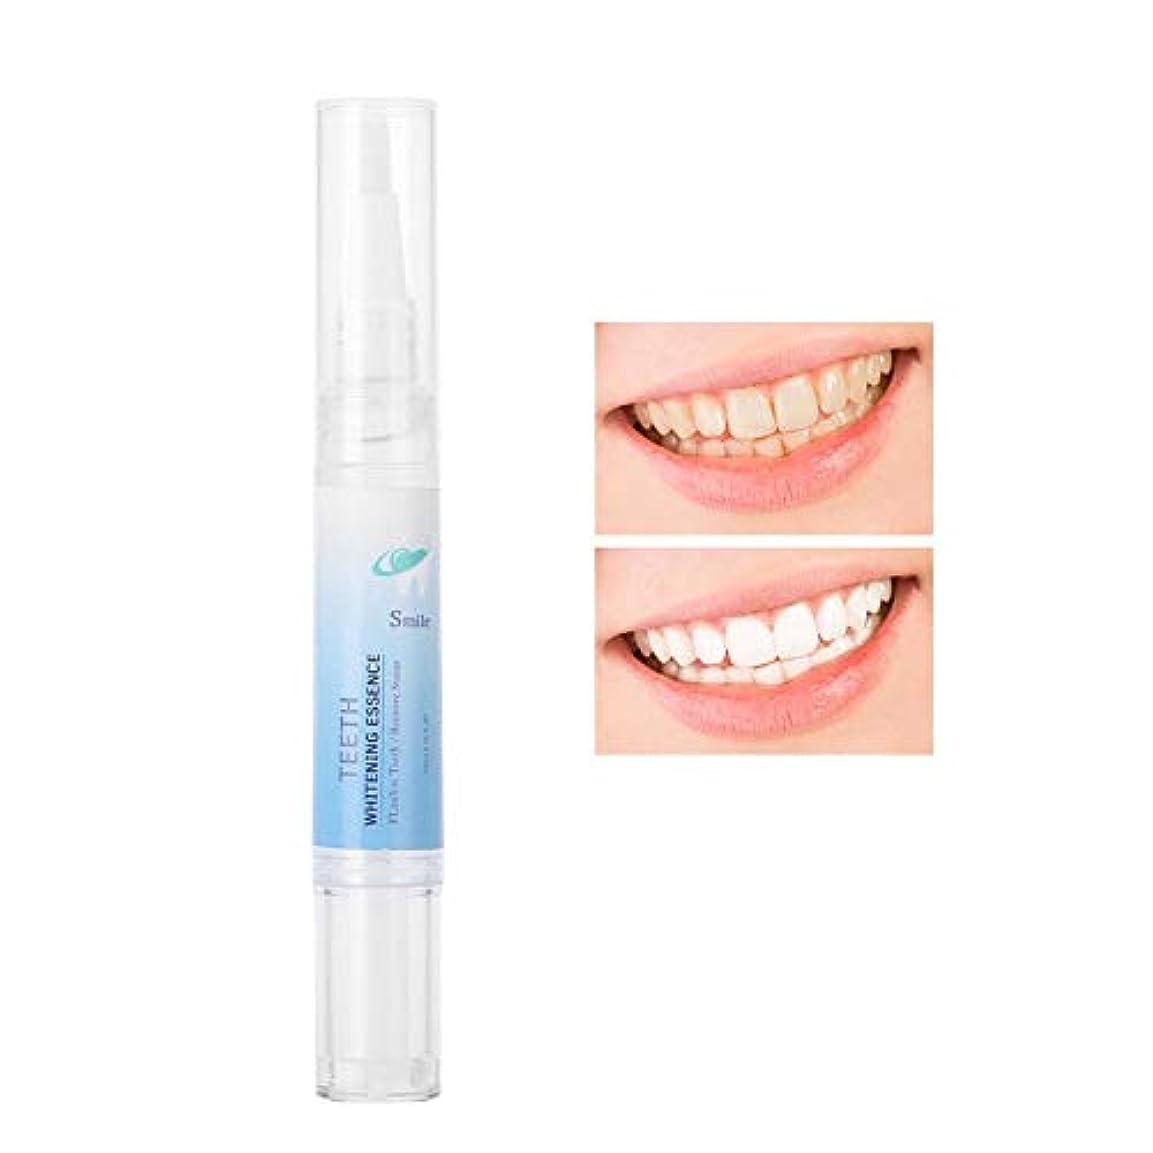 ミネラルピカソ徹底的に歯ホワイトニングペン 歯汚れのリムーバー 歯を白くする美白歯磨き